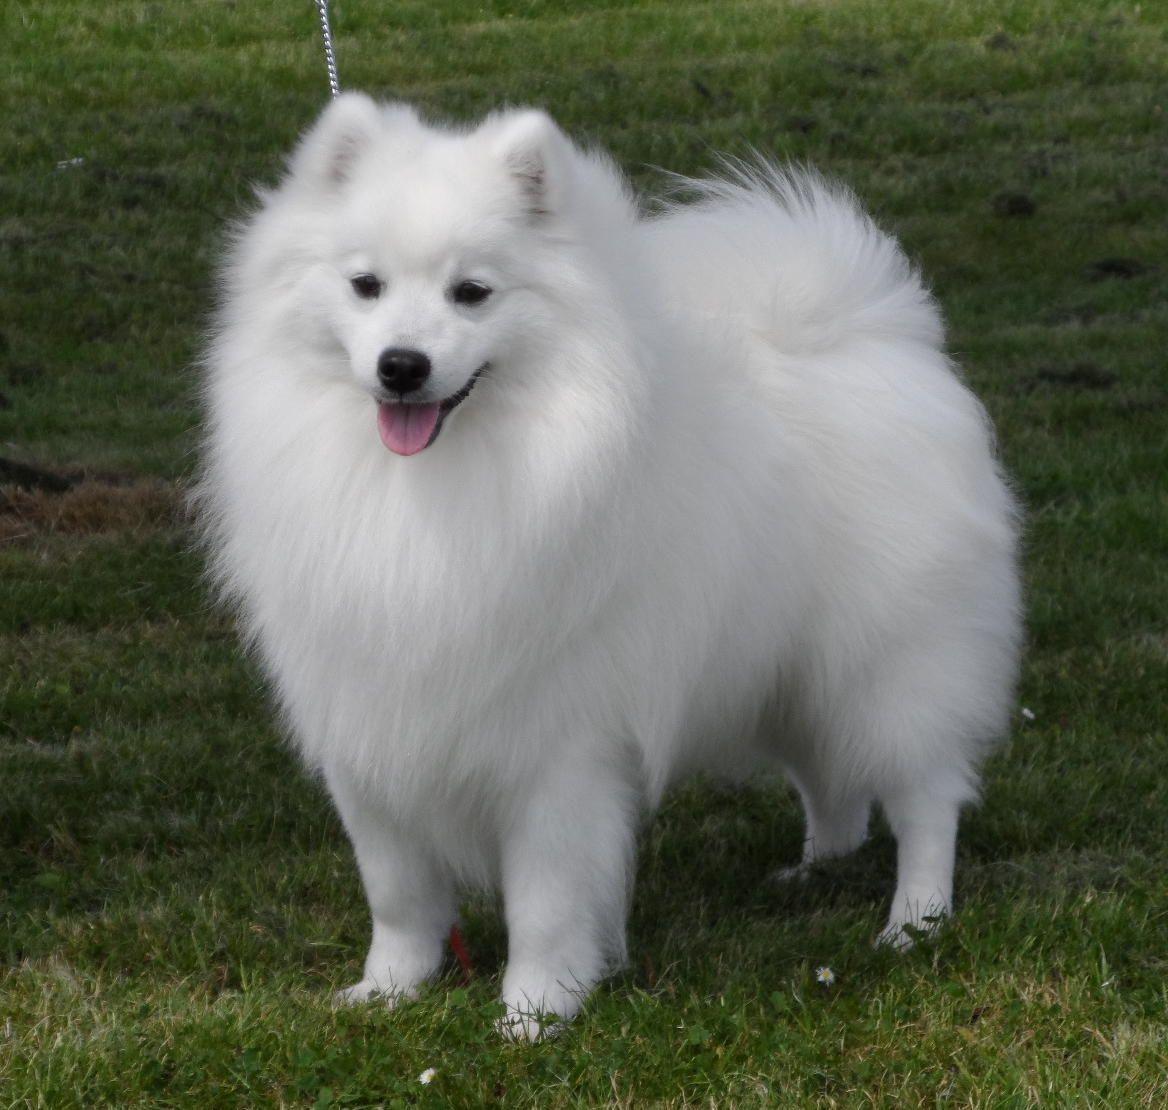 Great Spitz Canine Adorable Dog - 04de08dc94092505e3ab5ce0d2ab481e  2018_109638  .jpg